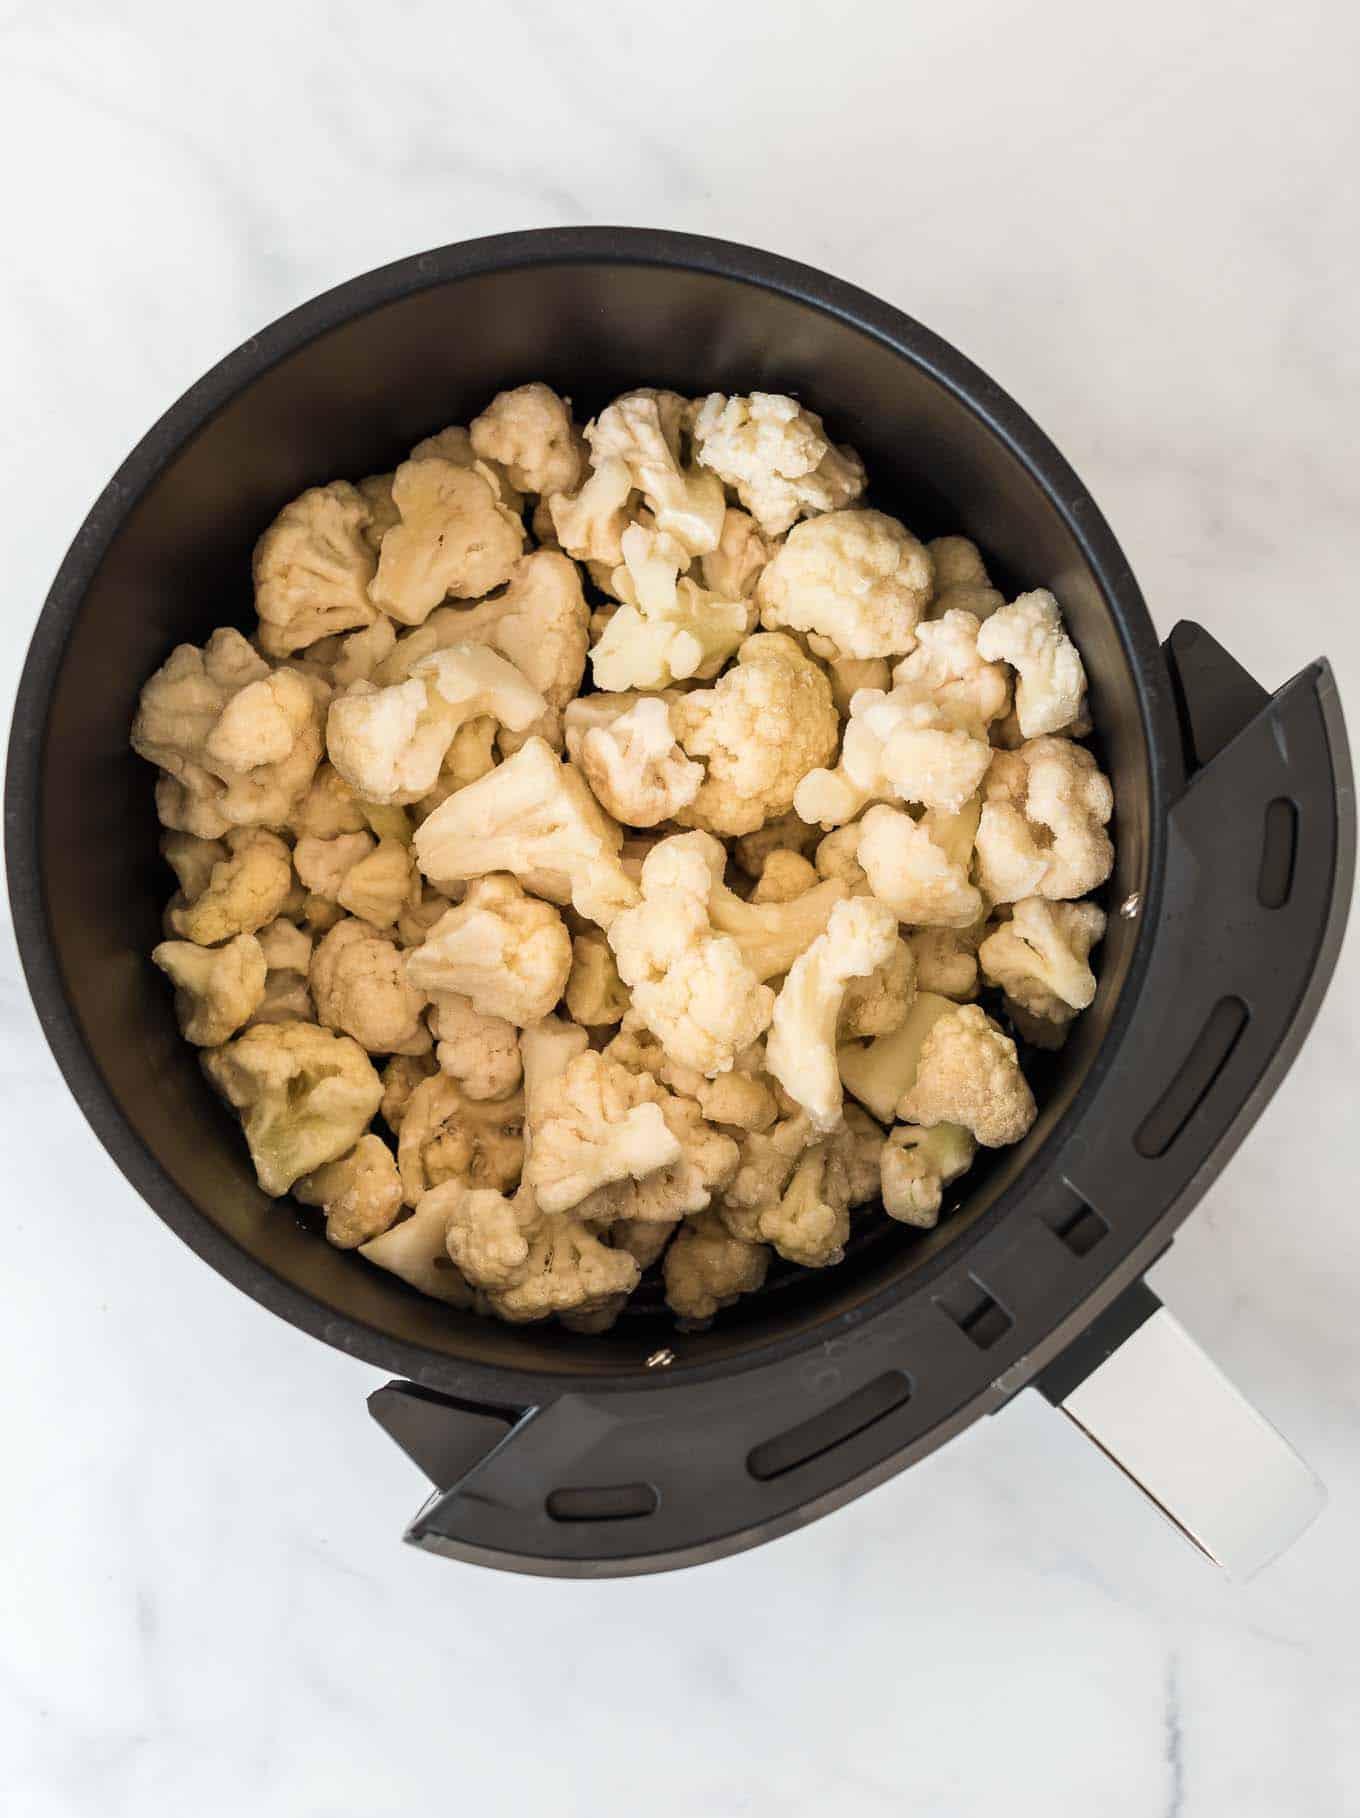 frozen cauliflower in an air fryer basket